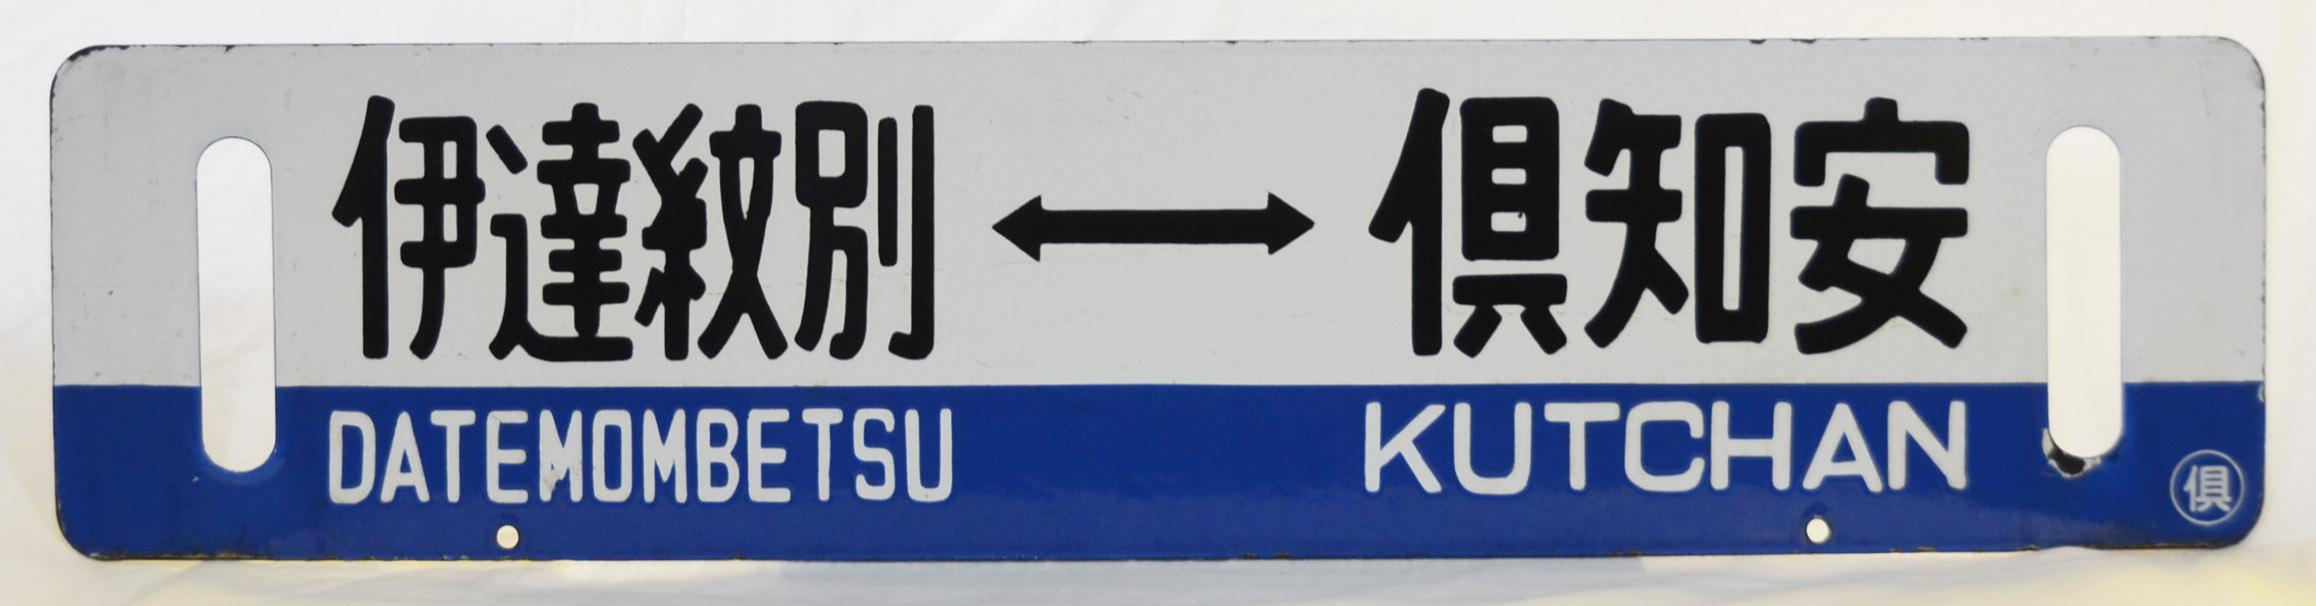 画像2: 行先板「倶知安⇔伊達紋別」